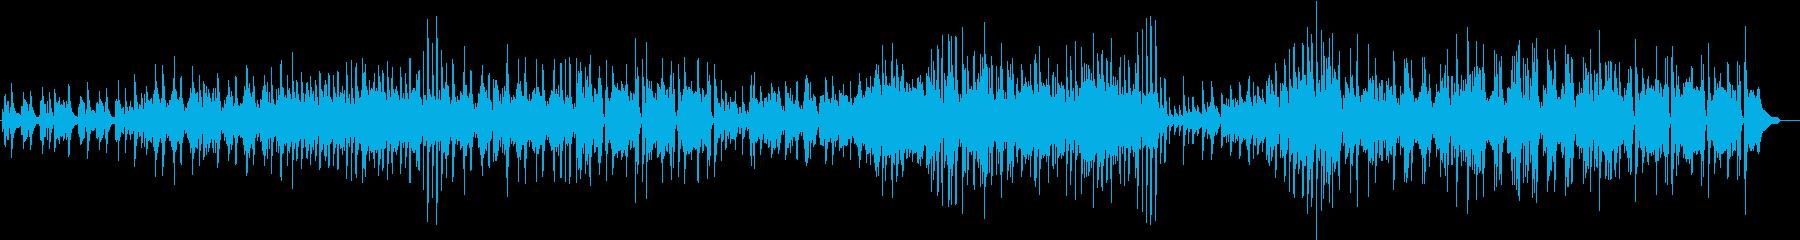 ささやかな希望をテーマにしたピアノソロ曲の再生済みの波形